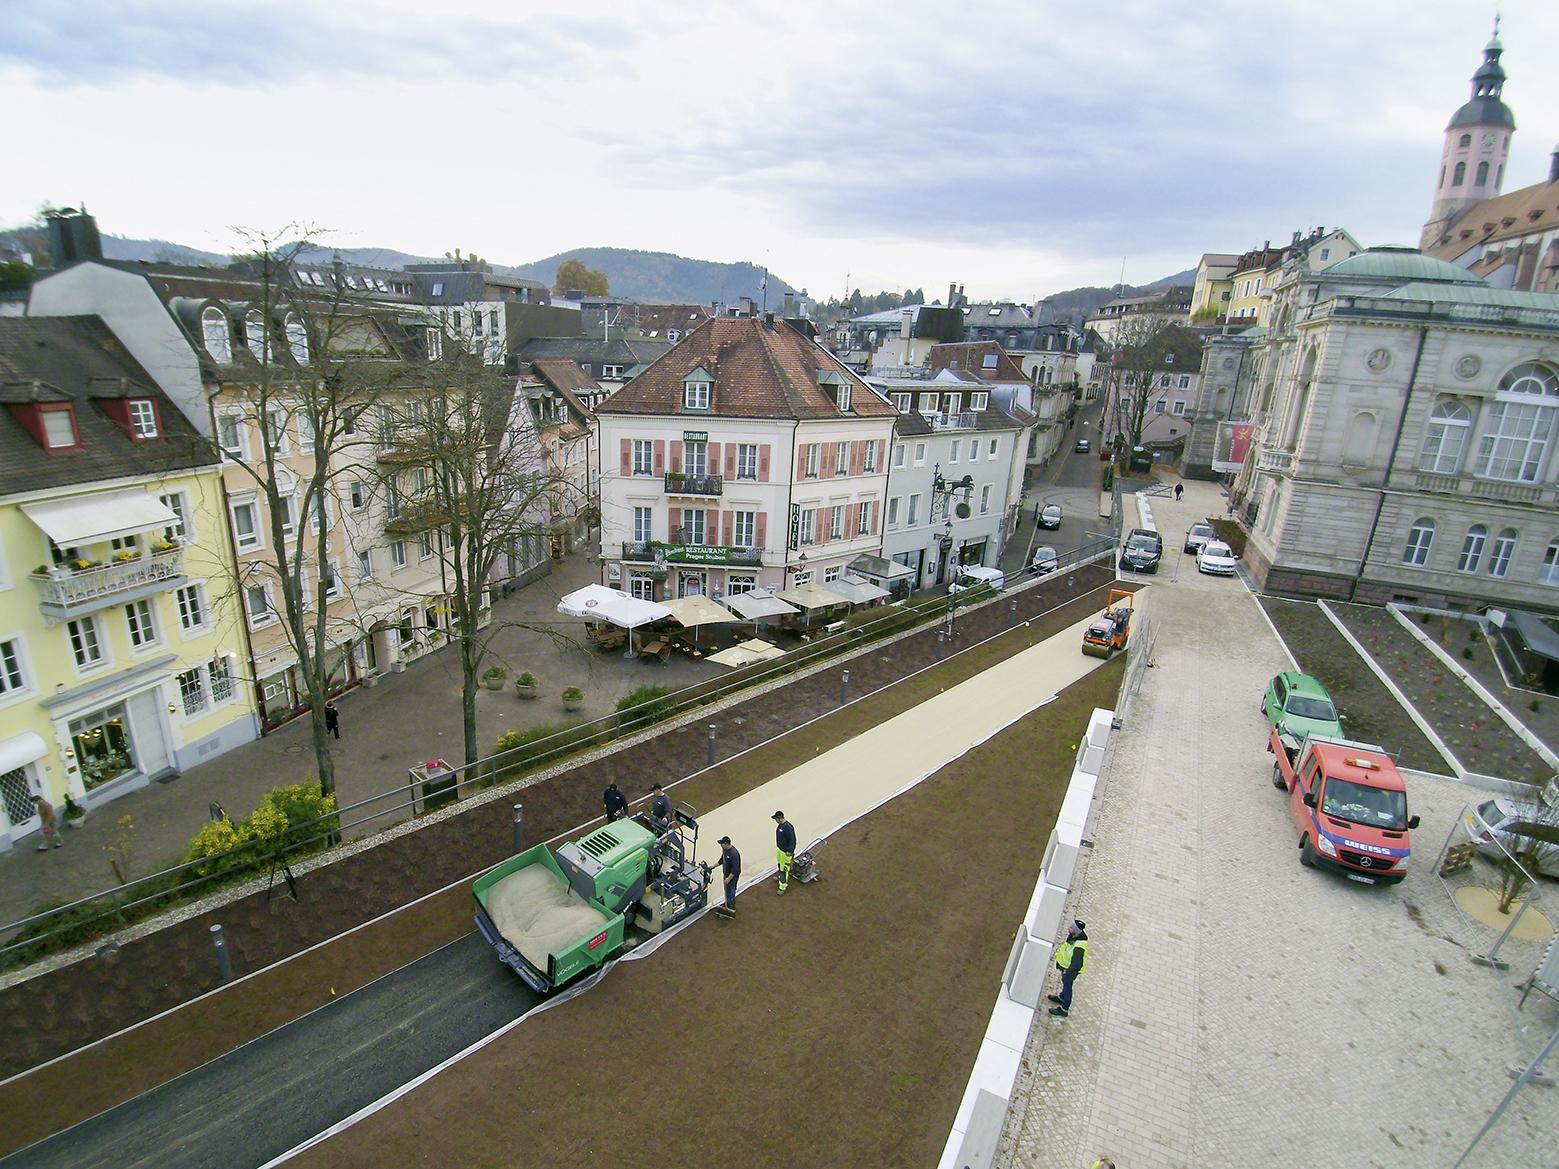 Außergewöhnliche Gestaltung von Außenanlagen mit Farbasphalt und der Maschinentechnik von VÖGELE und HAMM